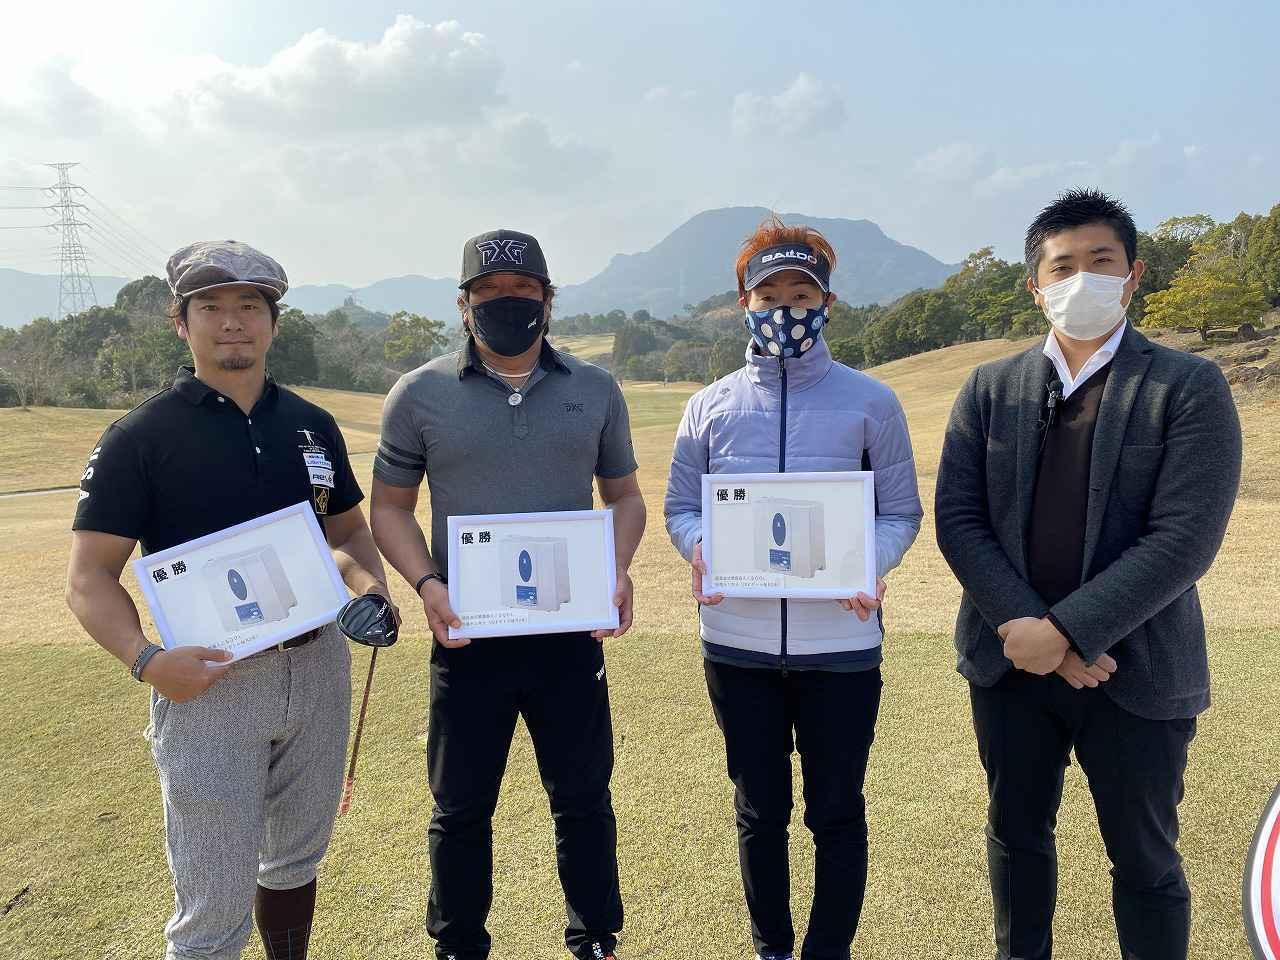 画像: カテゴリー優勝者 オープン:三隅選手、シニア:古賀選手、ウィメンズ:楢原選手